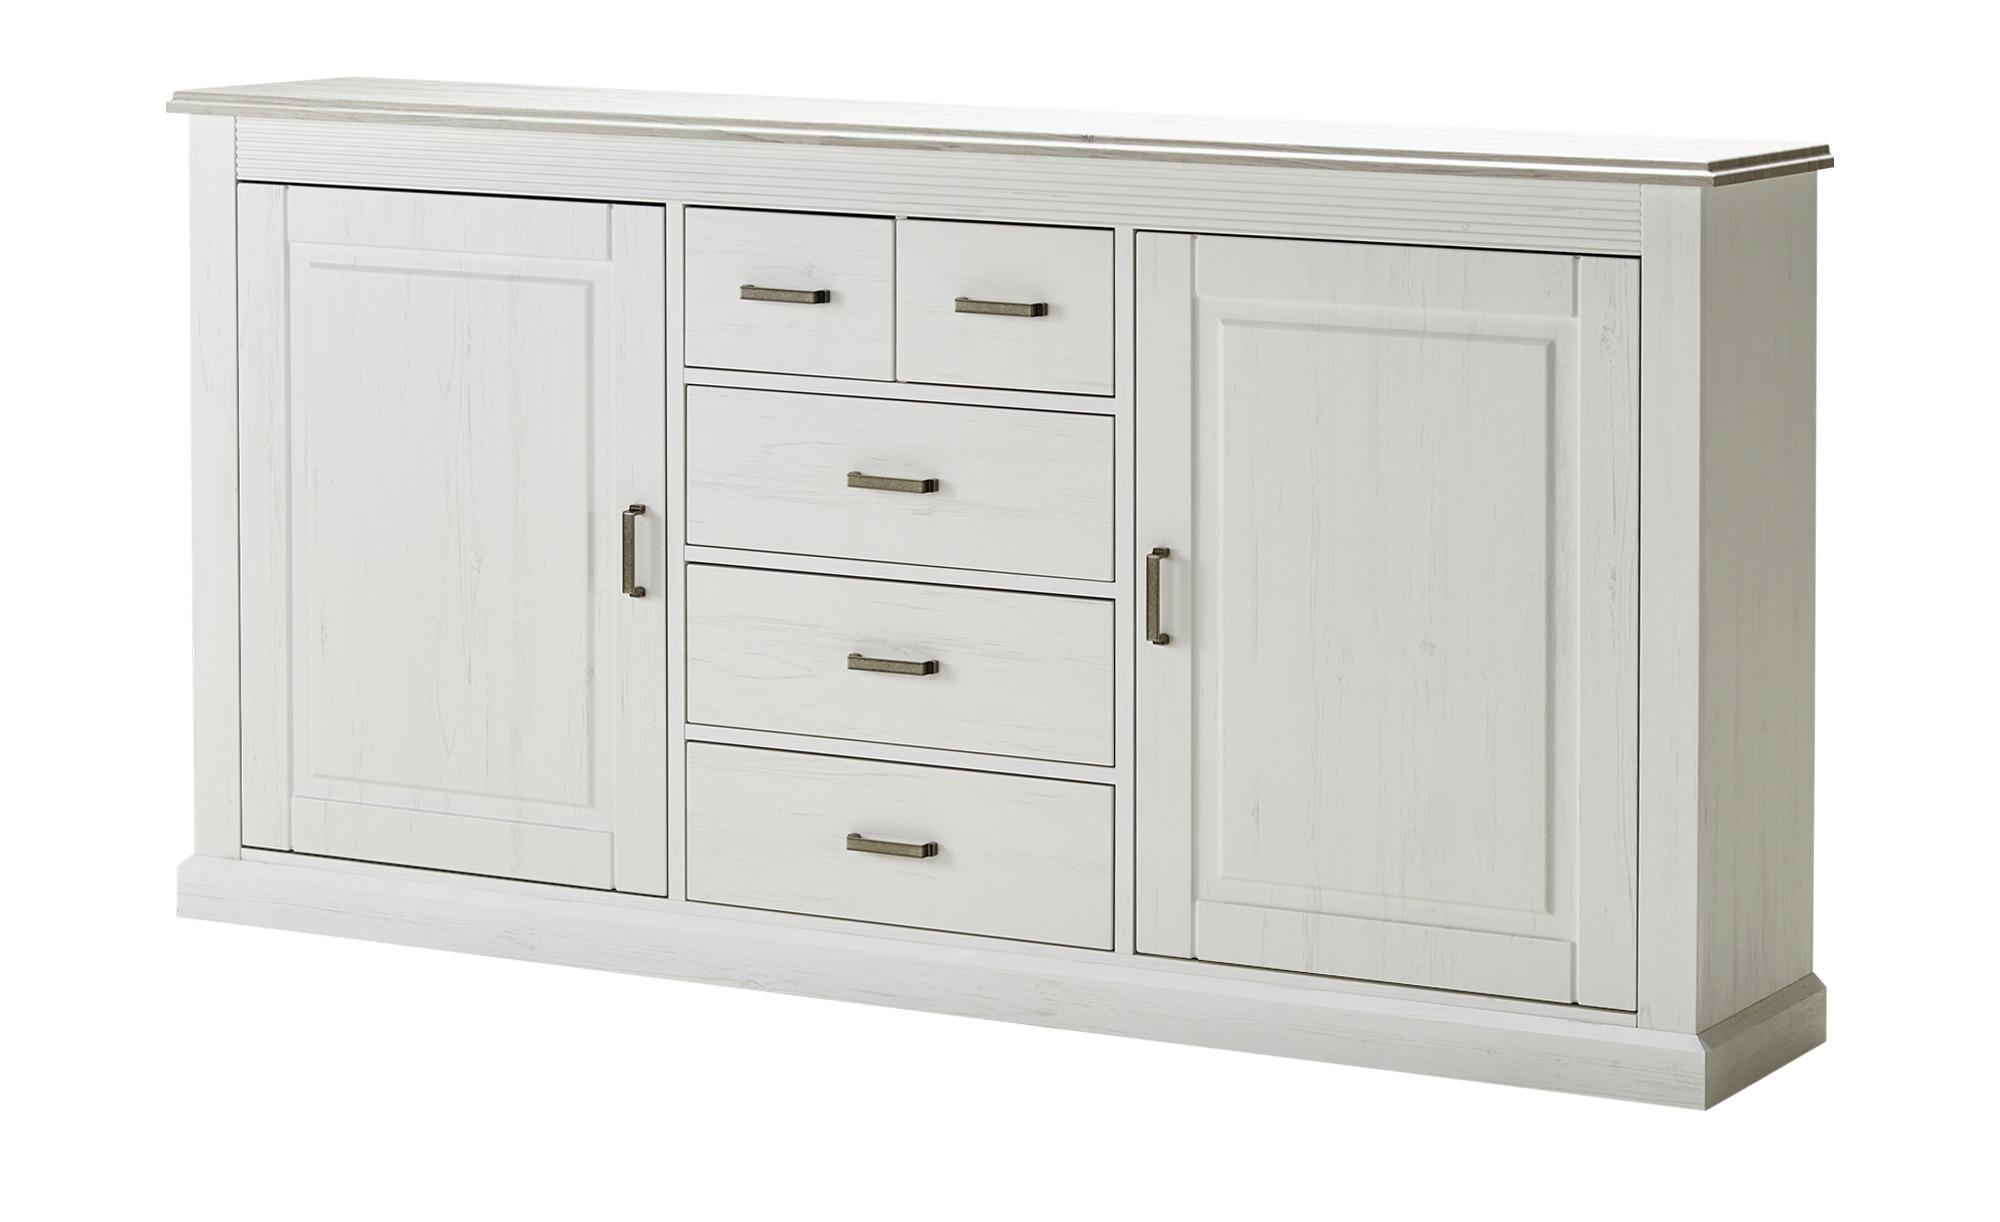 uno sideboard peru breite 200 cm h he 105 cm holzfarben online kaufen bei woonio. Black Bedroom Furniture Sets. Home Design Ideas